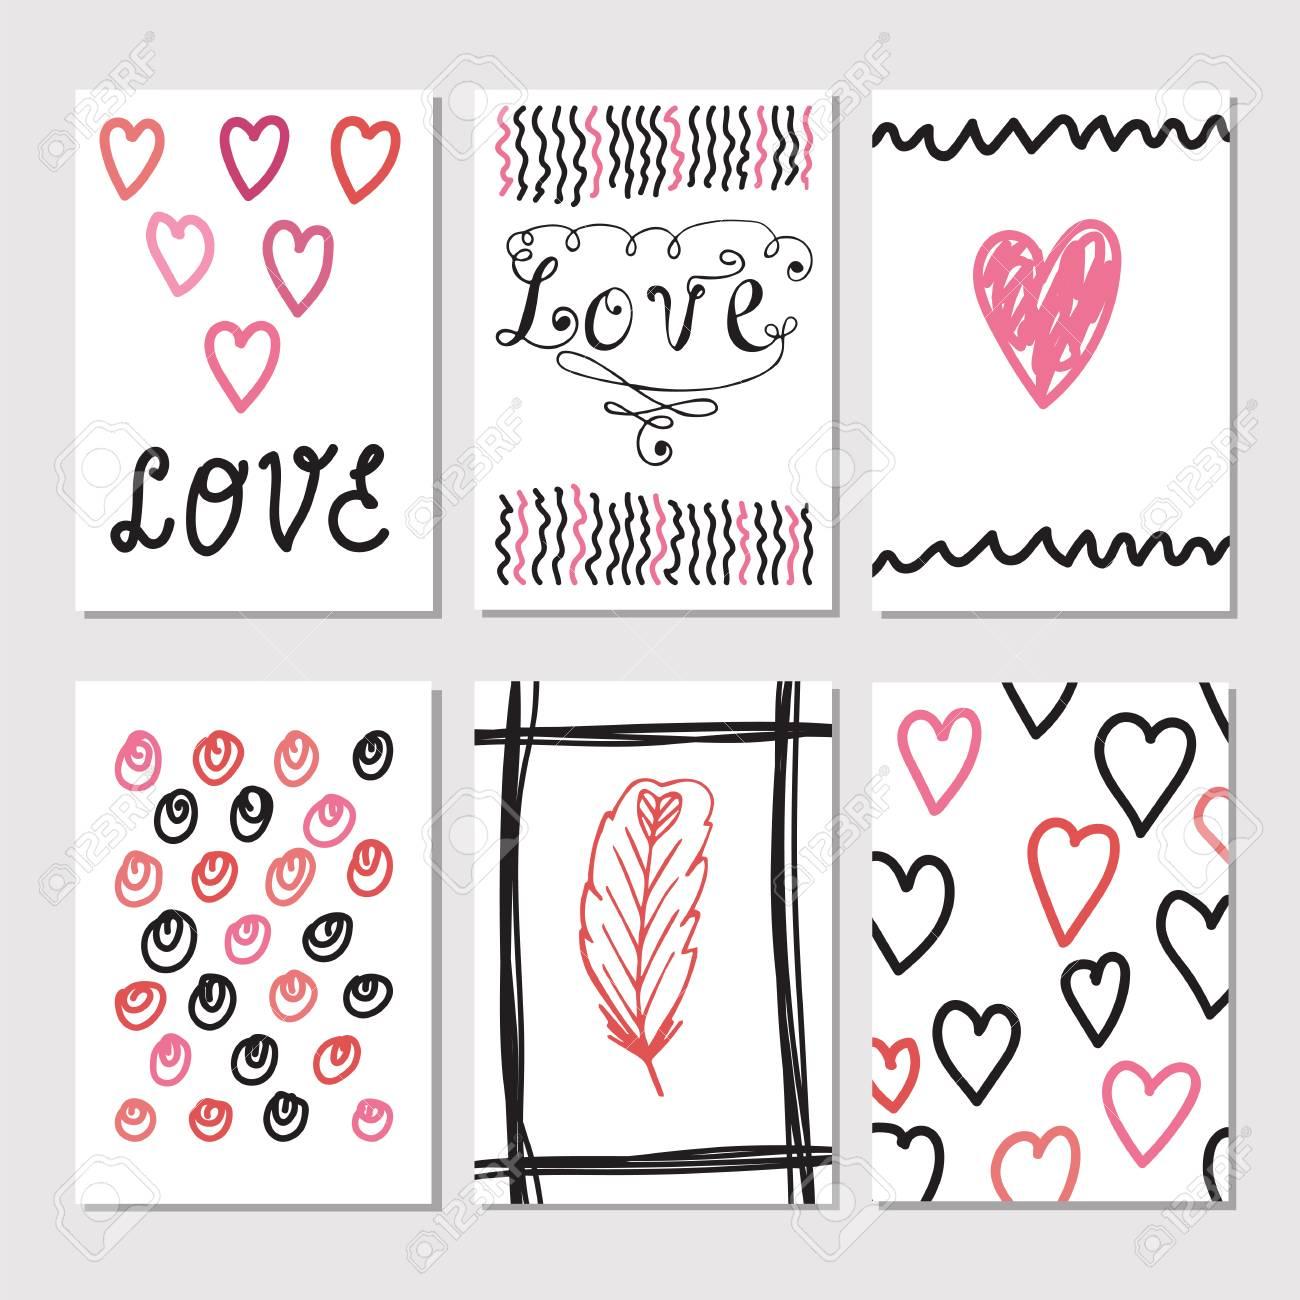 Conjunto De Tarjetas De La Vendimia Con Texturas Dibujadas A Mano Romántico Tarjetas Creativas Con Diseño Tema De Amor Colección De Folletos